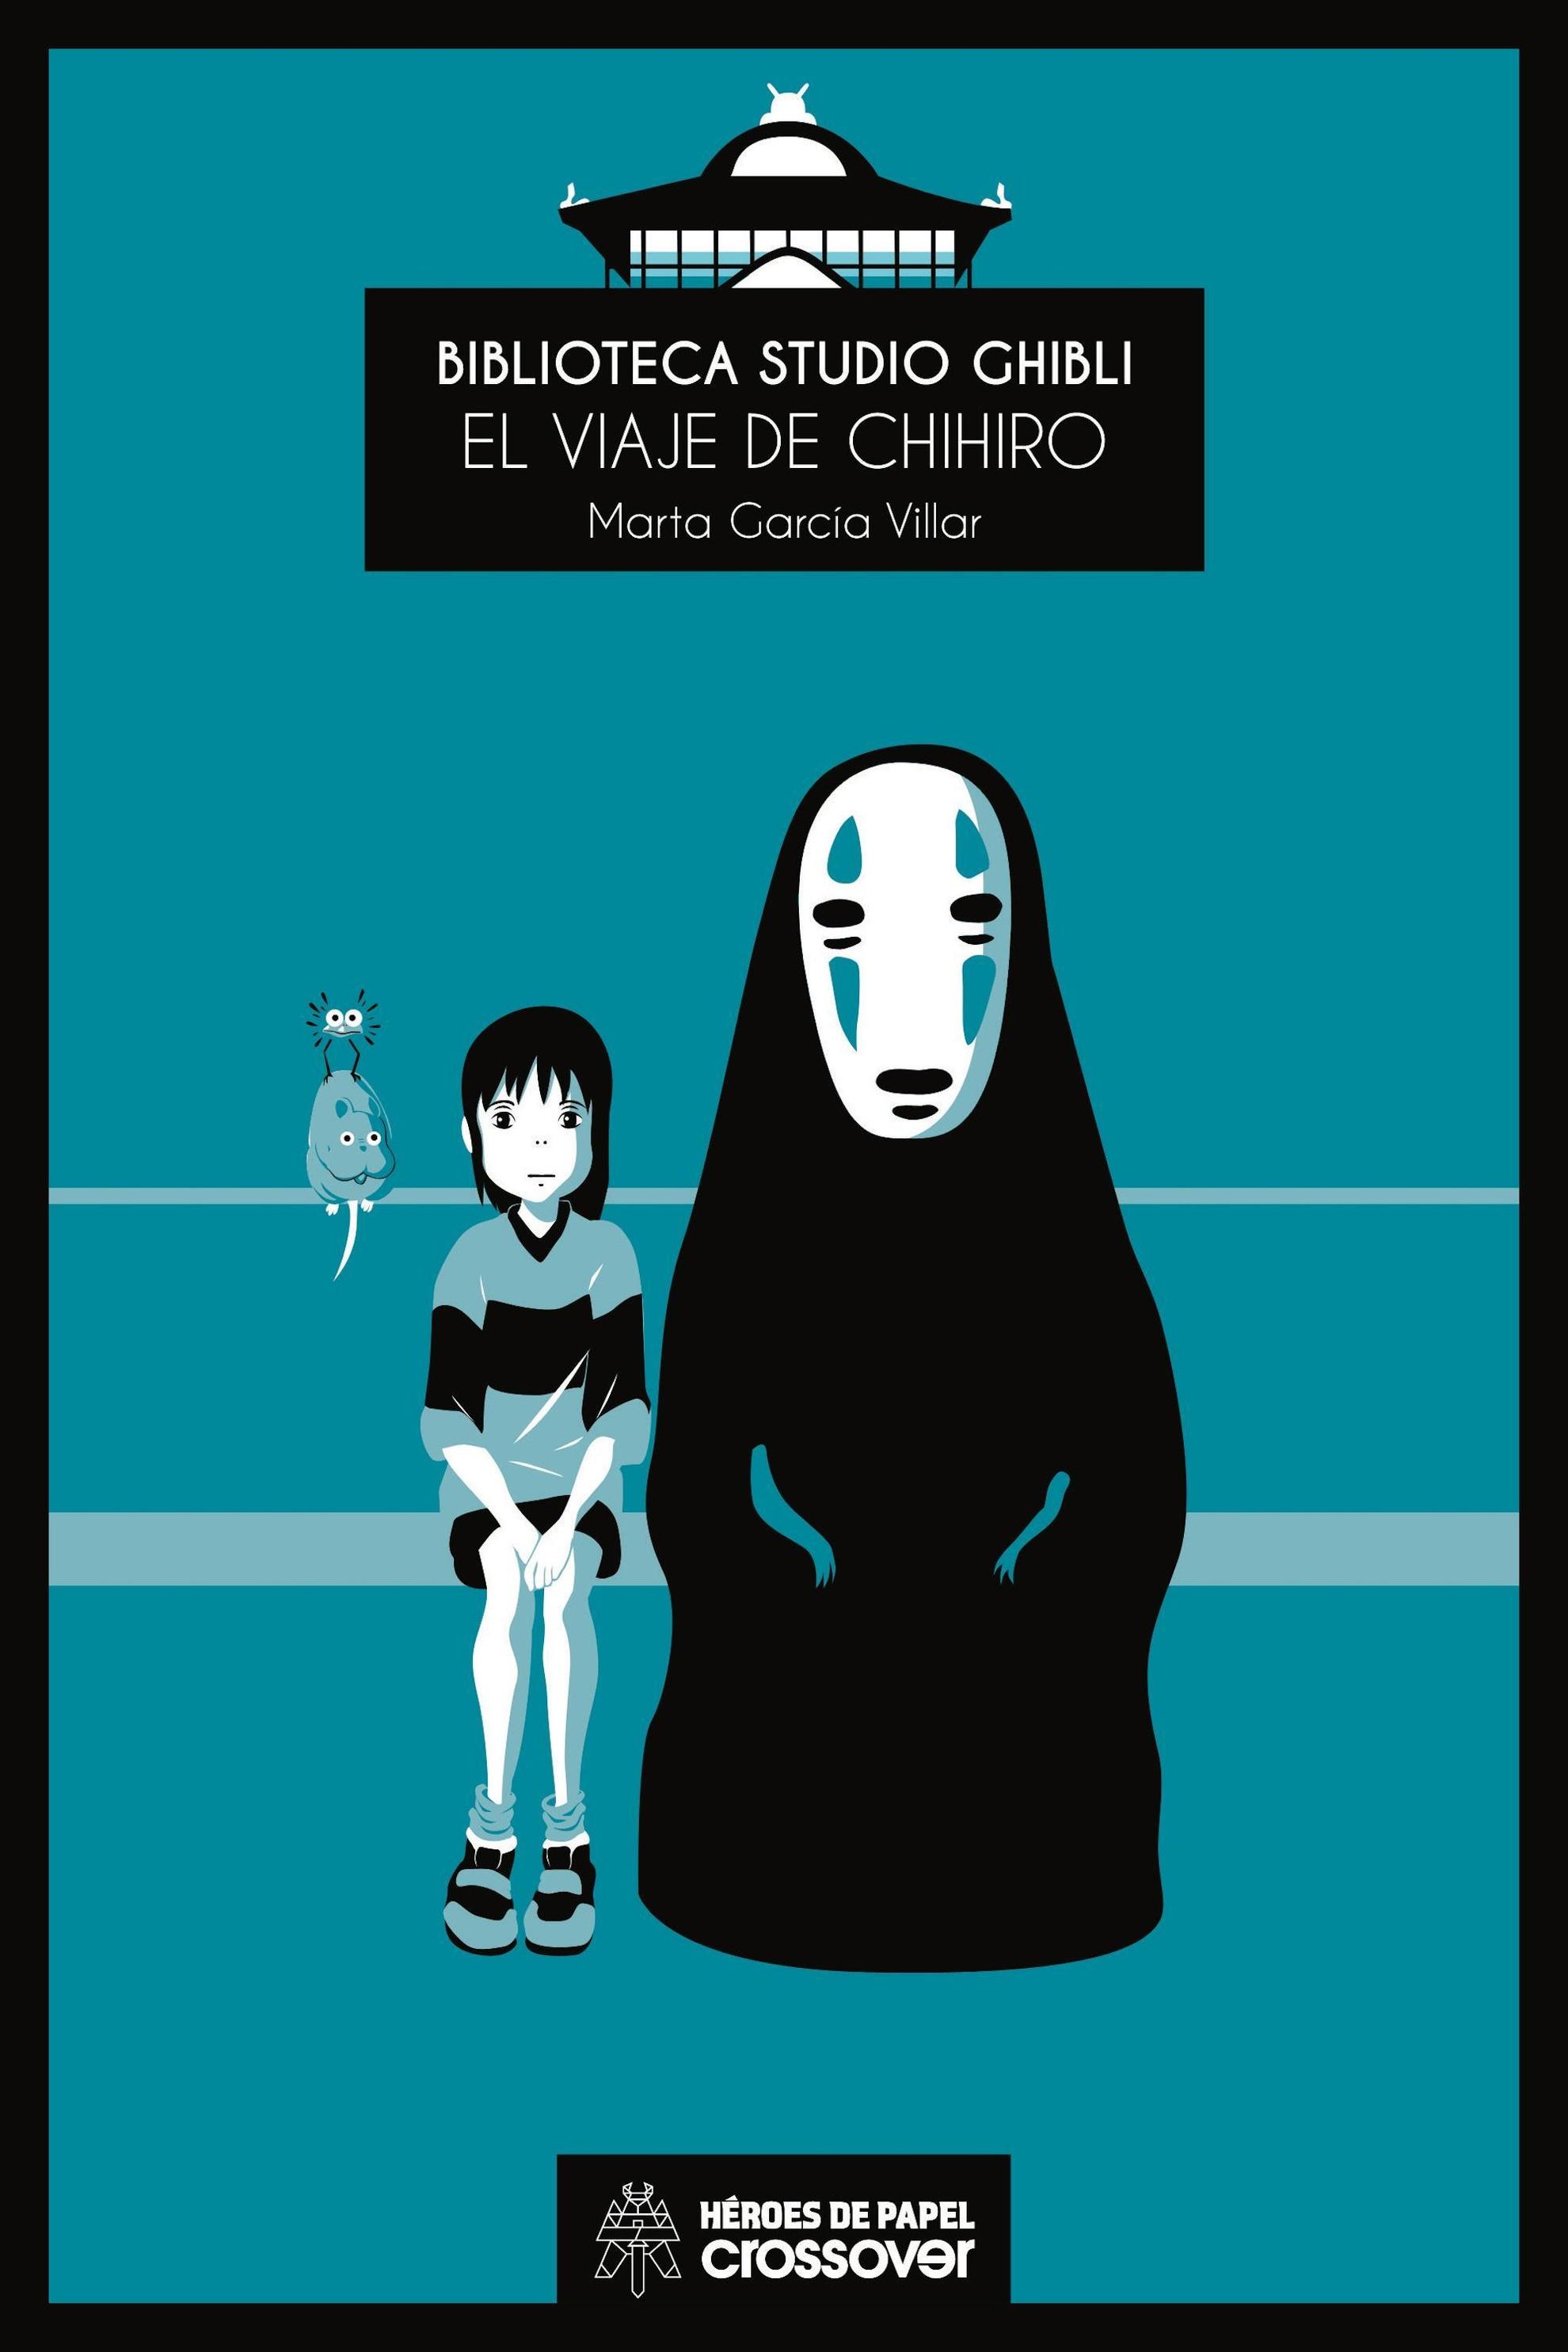 Biblioteca Studio Ghibli El Viaje De Chihiro Ebook Weltbild De